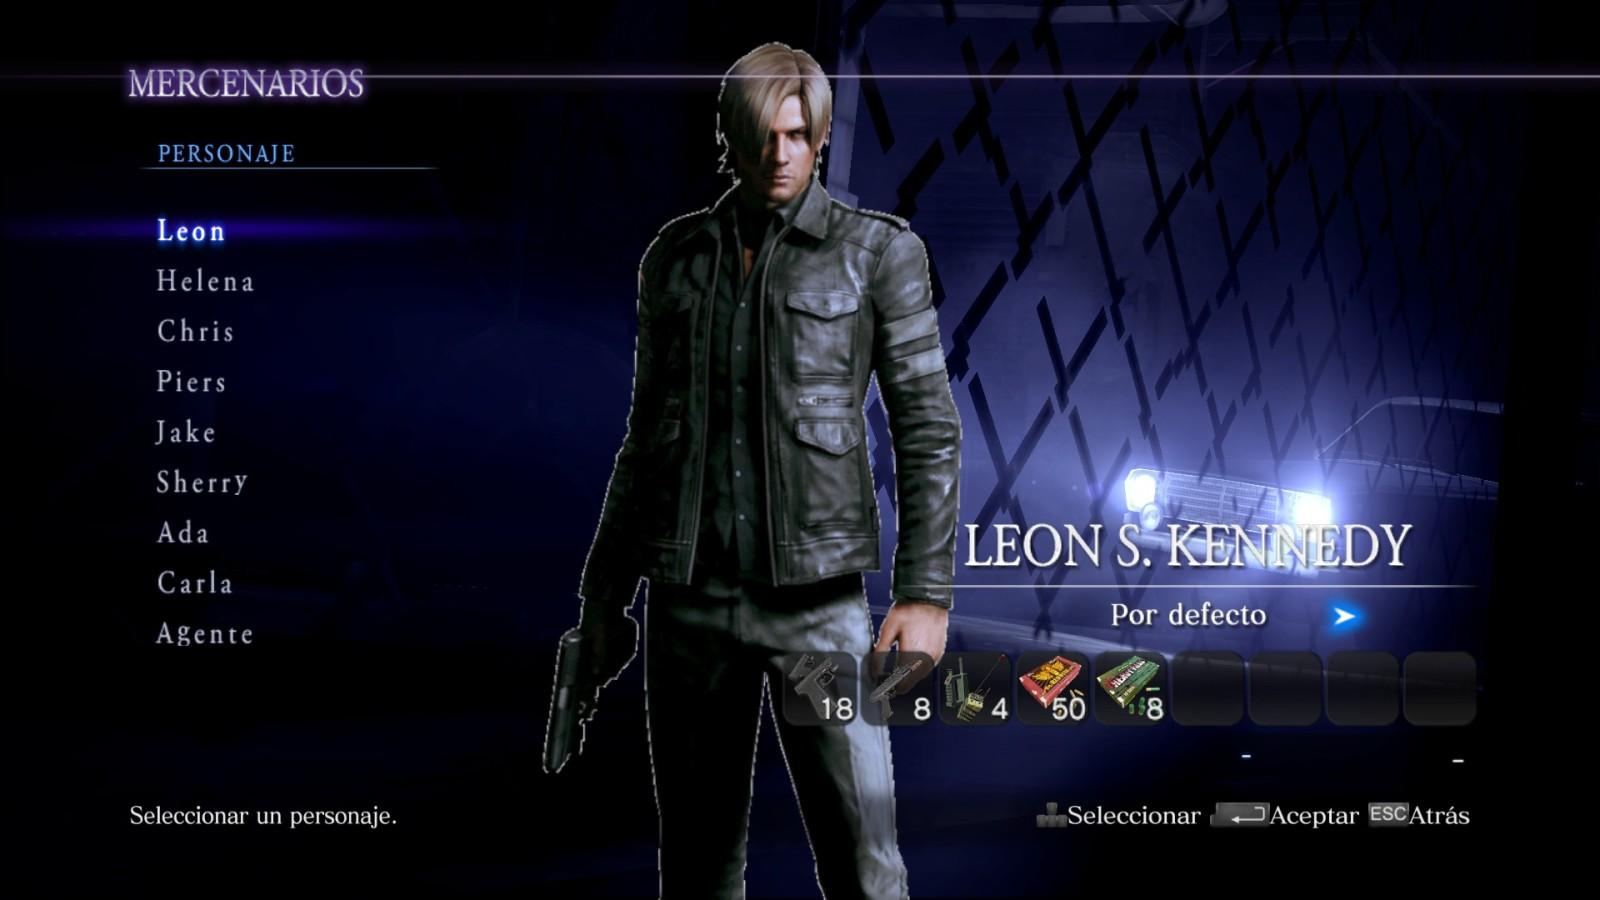 Nuevas imágenes para los personajes (mercenarios) 2lz3hl